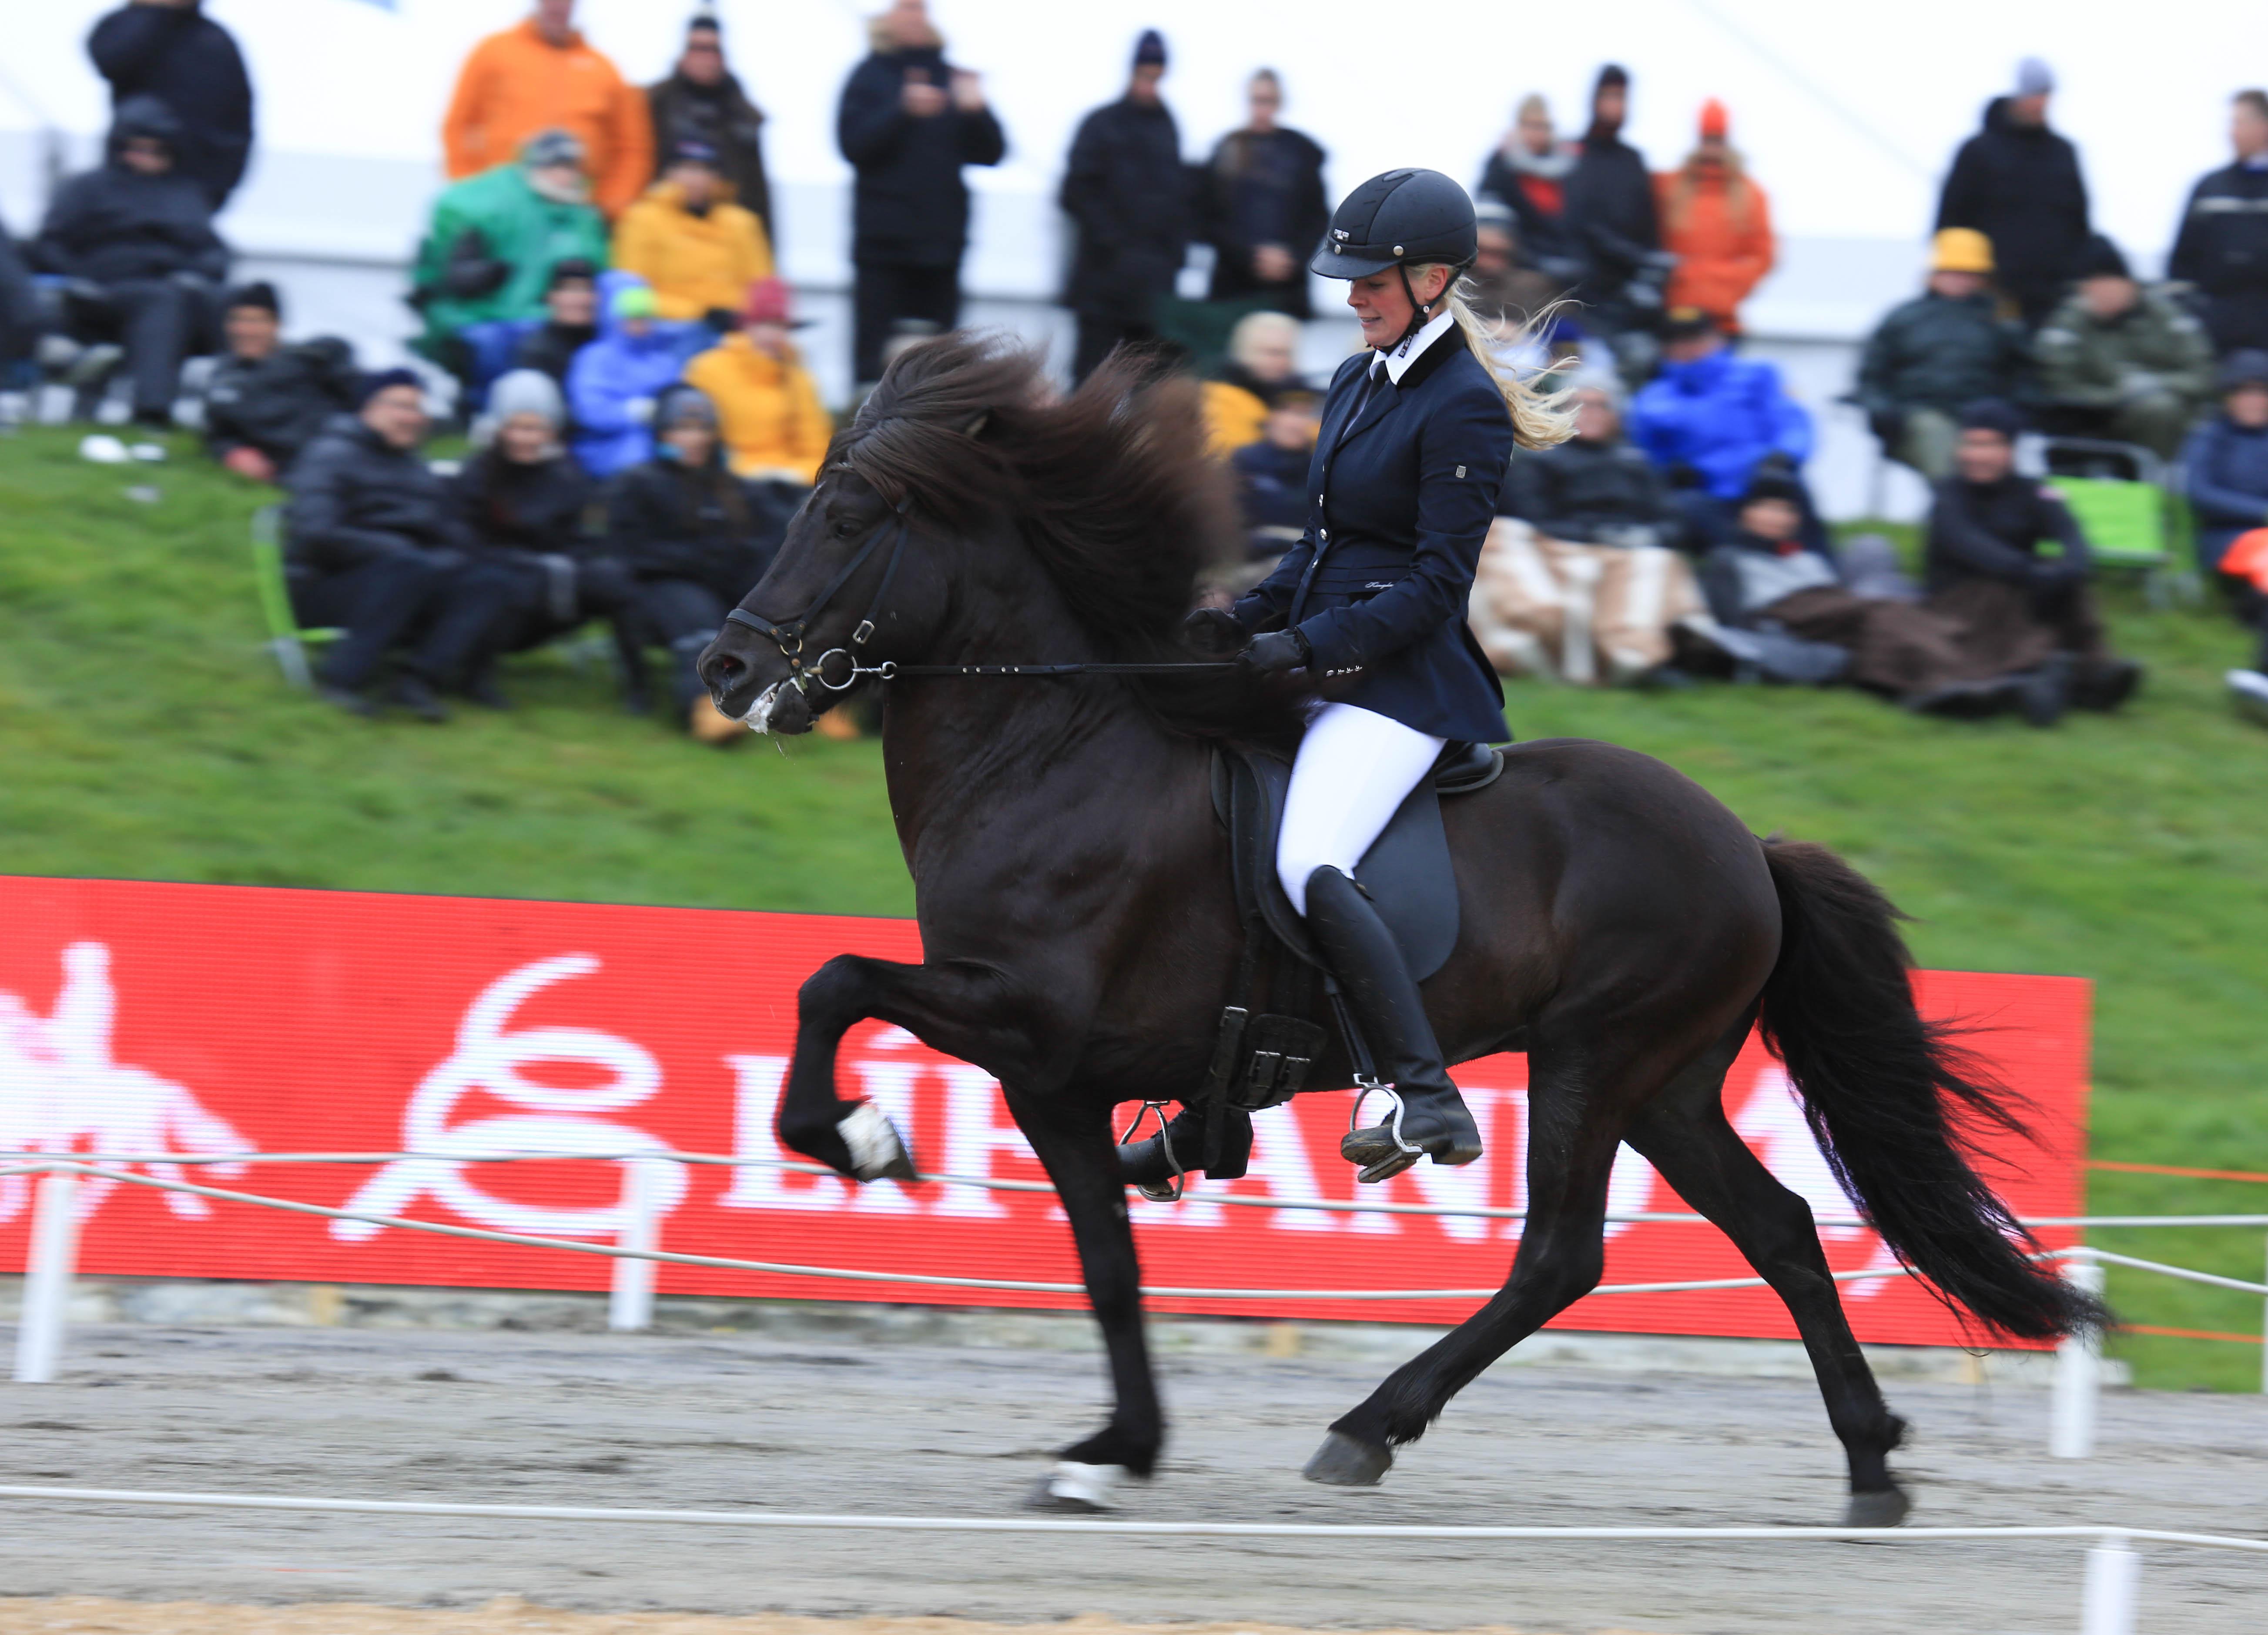 Frami och Elin ligger än så länge på tredje plats Foto: Yvonne Benzian/ishestnews.se